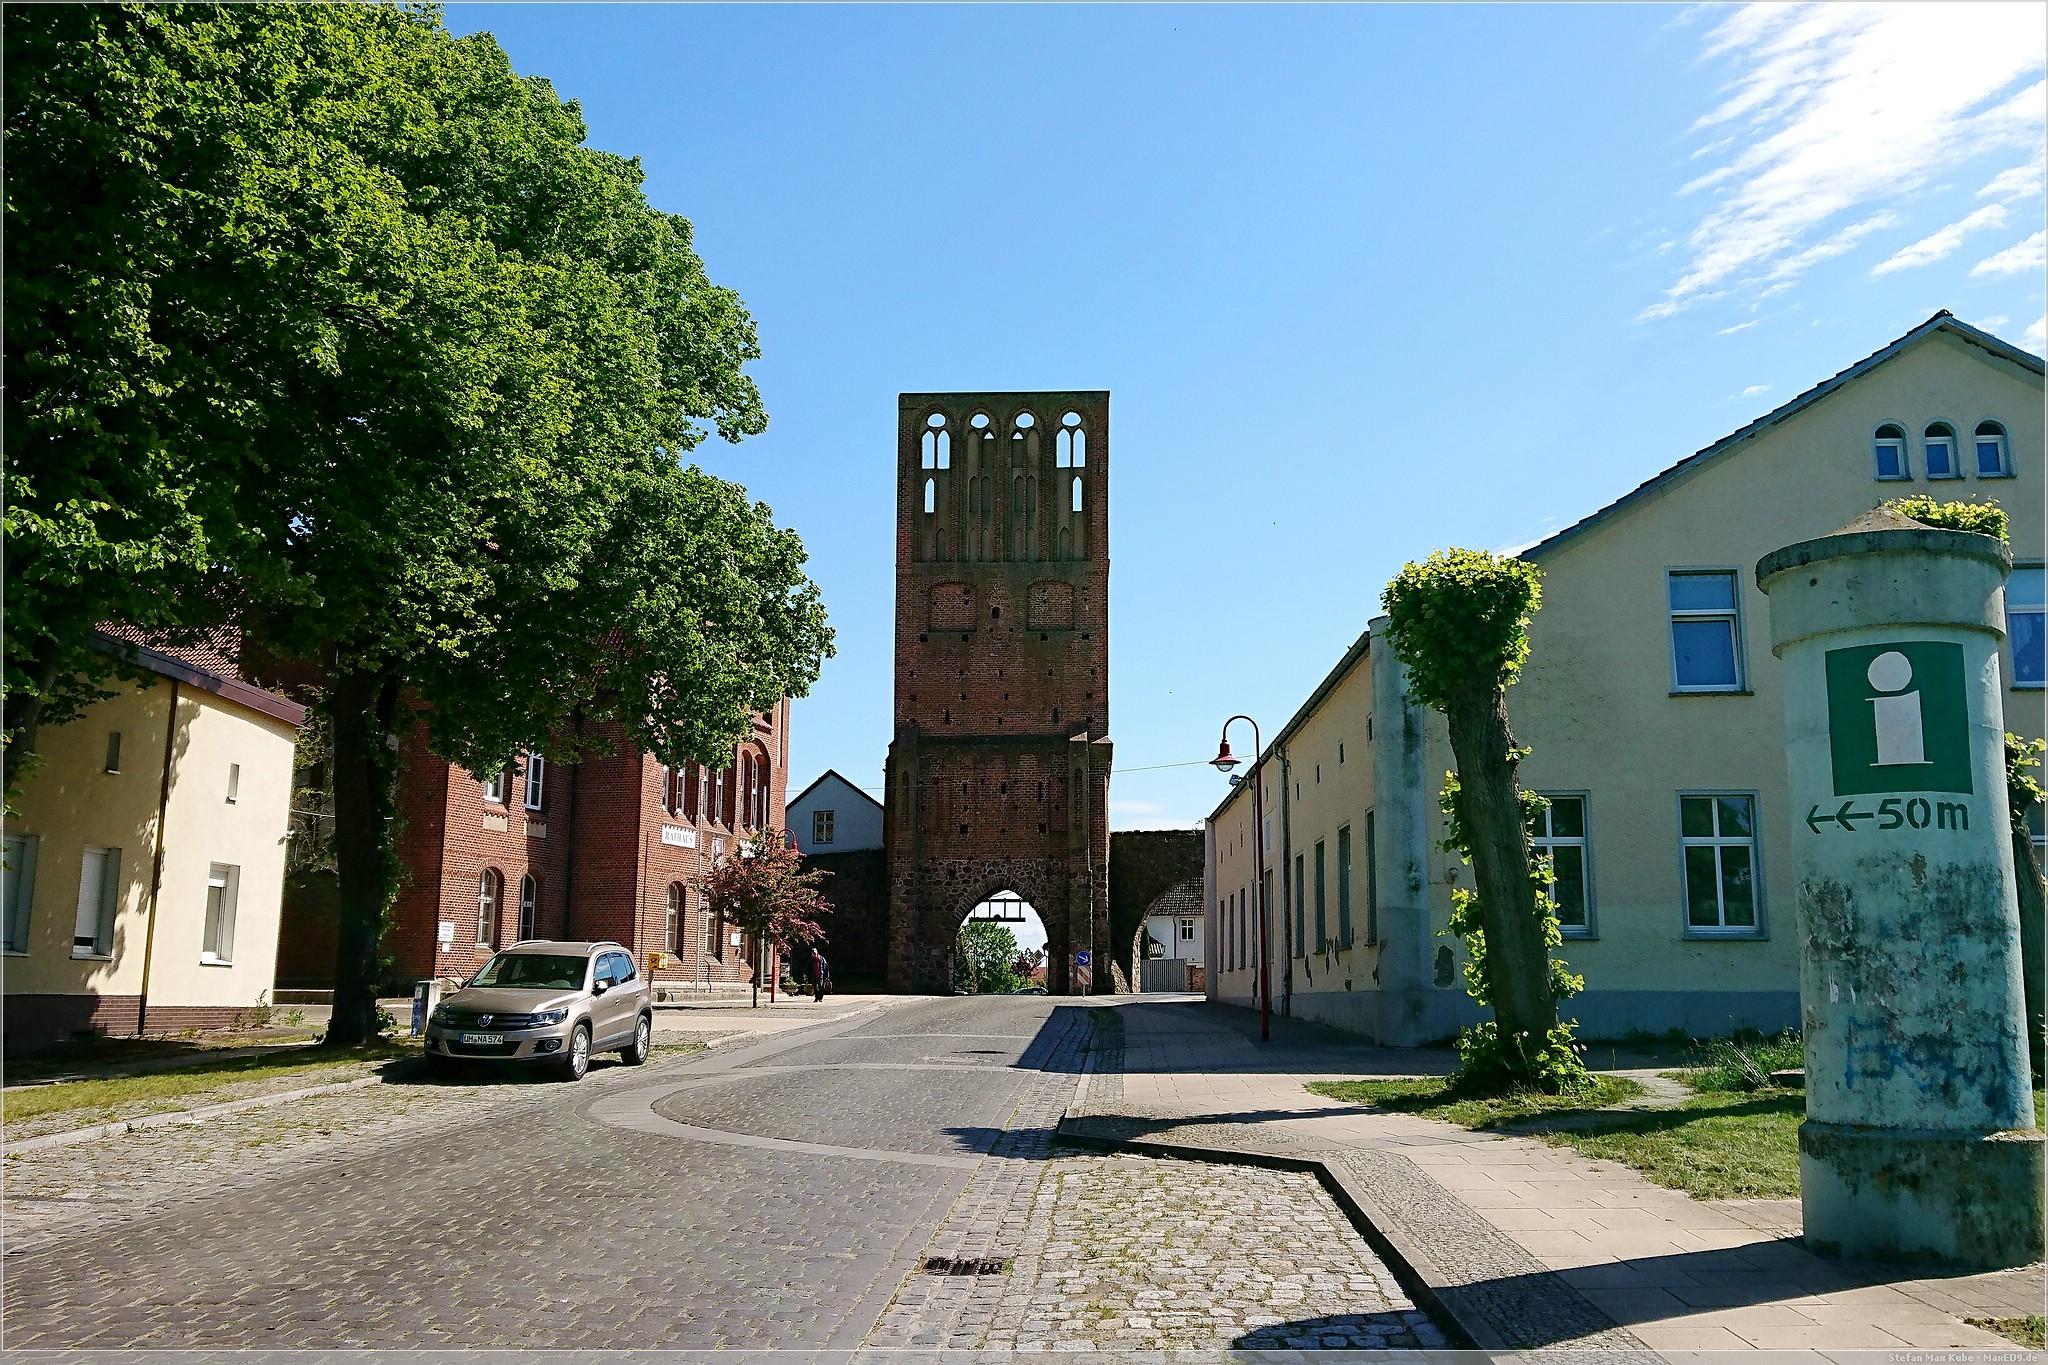 Stettiner Tor, Gartz (Oder)